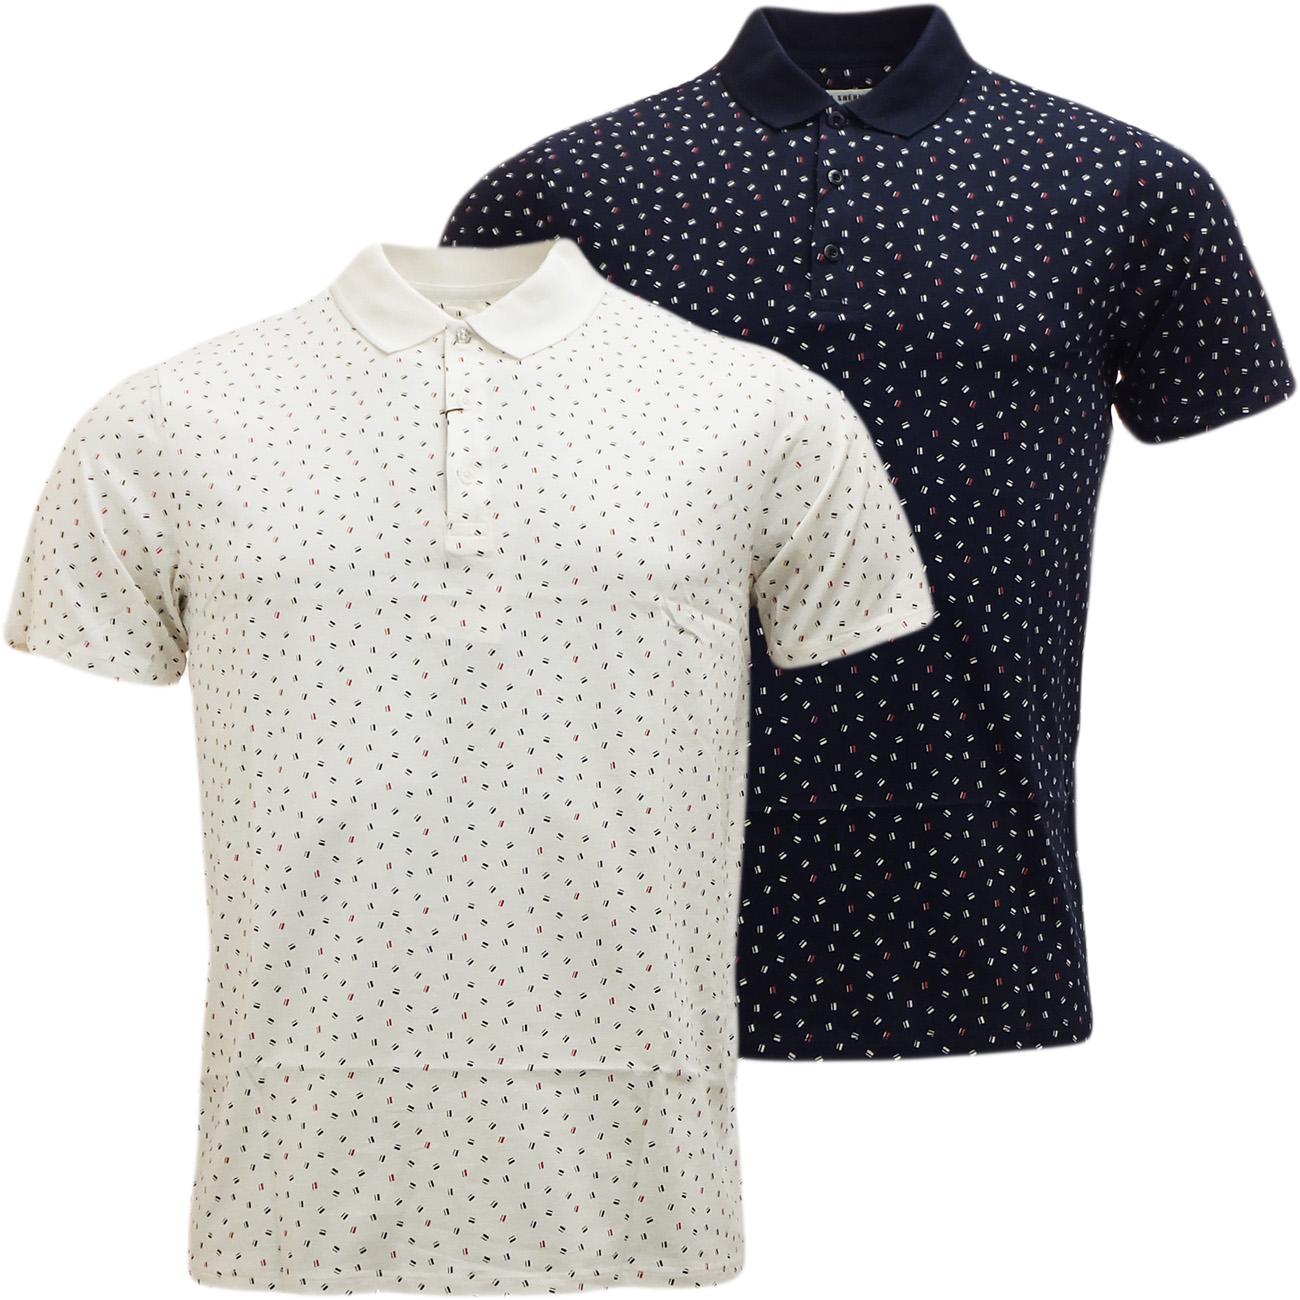 Mens polos ben sherman polo shirt 39 box design 39 all over for Xxl mens polo shirts